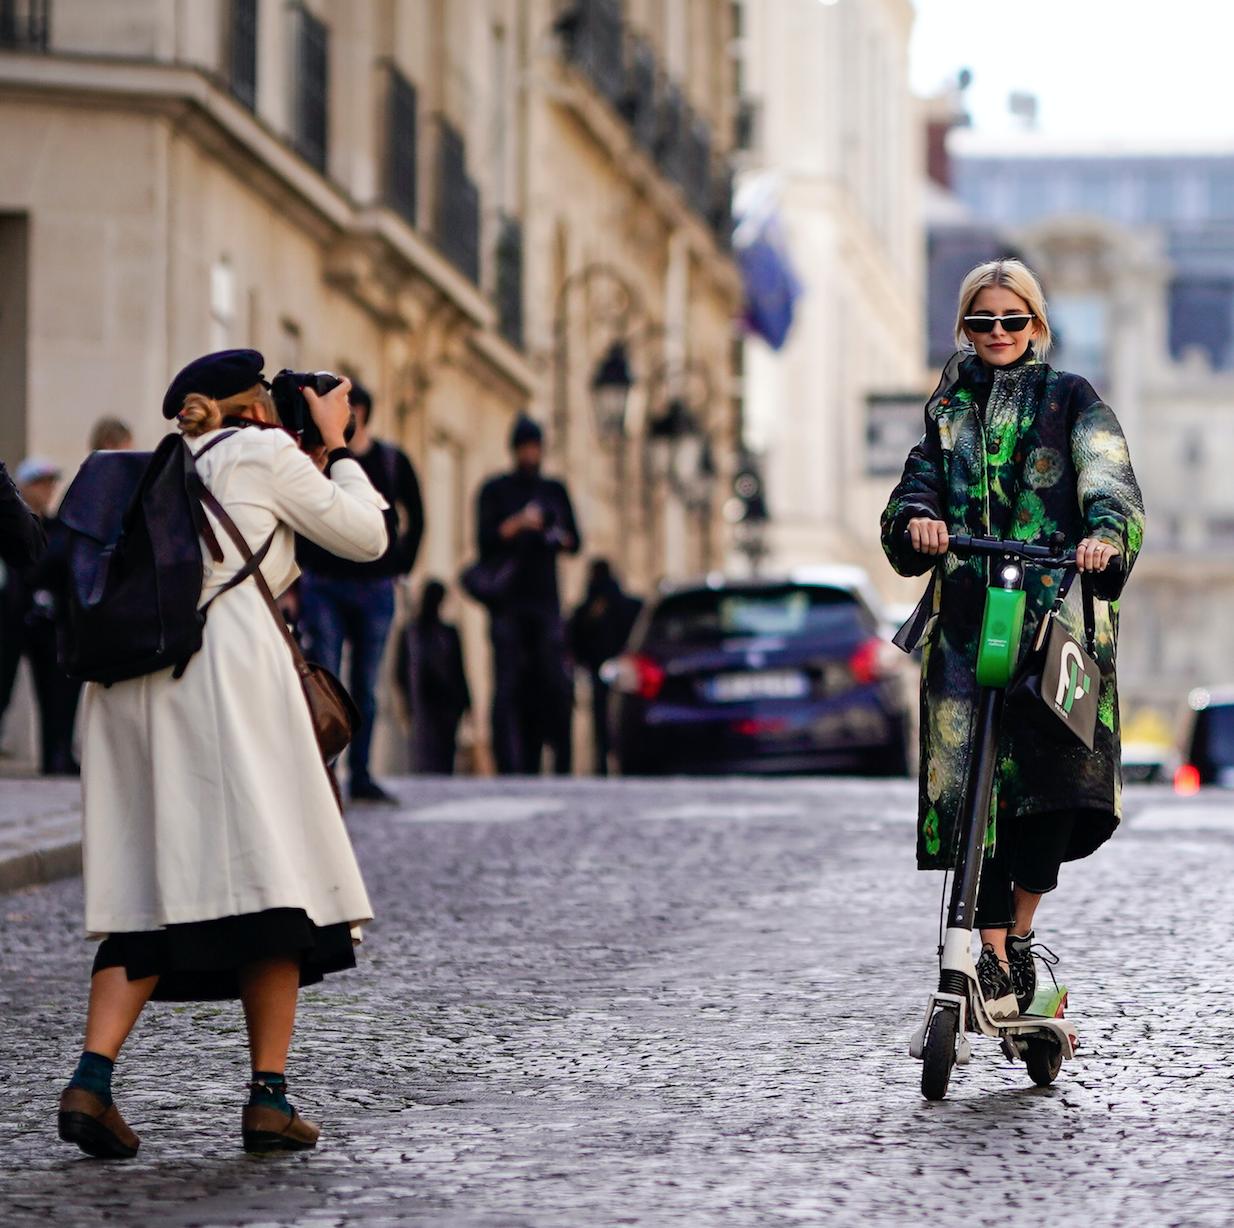 Lime met à disposition des trottinettes pour la Fashion Week